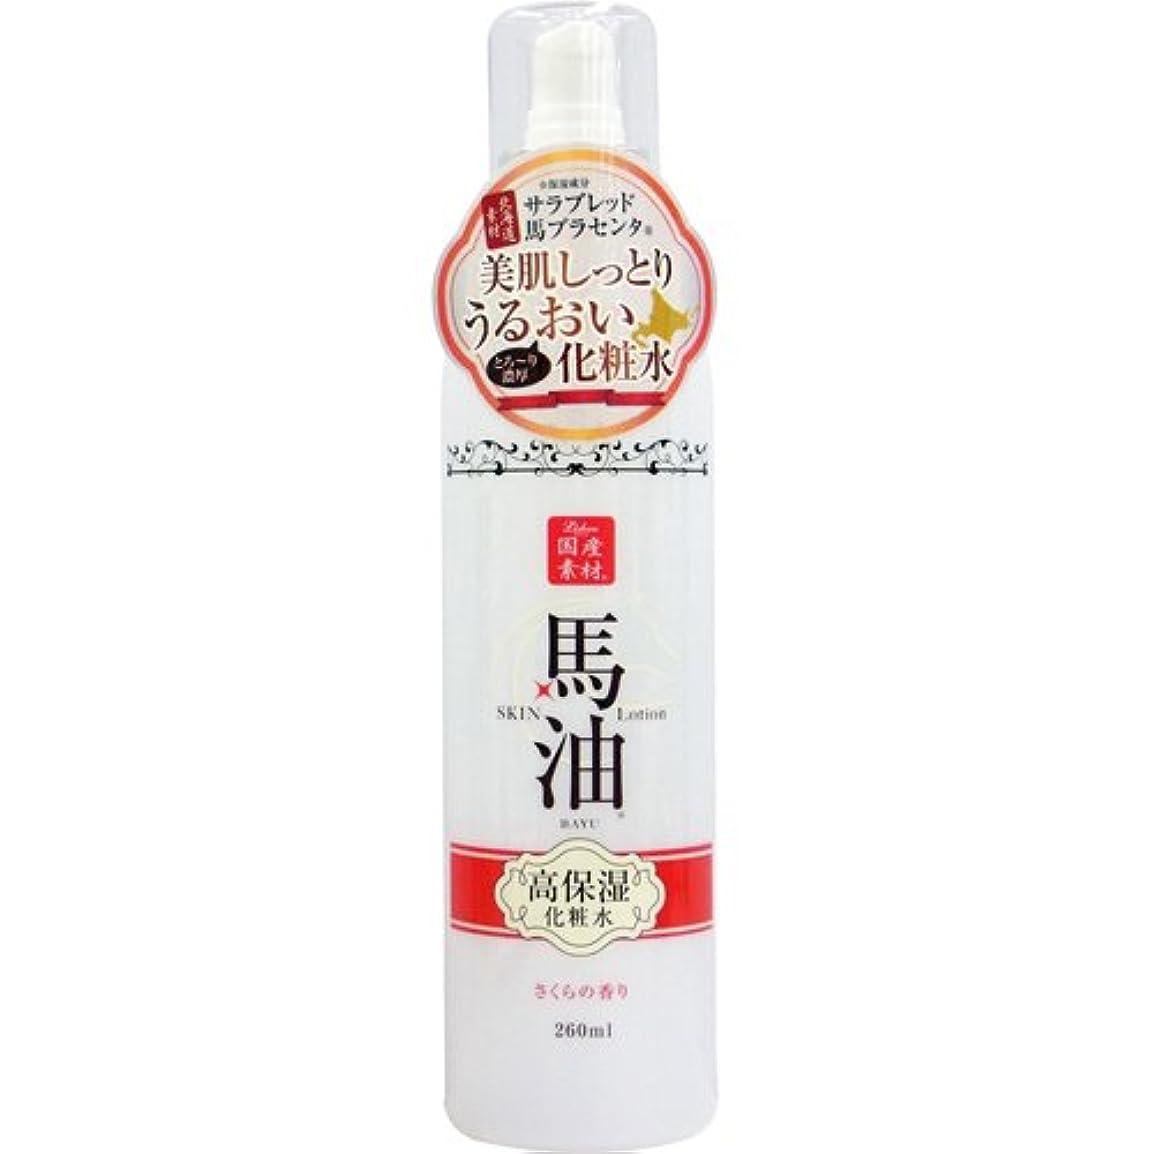 再発する明示的に革命的リシャン 馬油化粧水 (さくらの香り) (260mL)